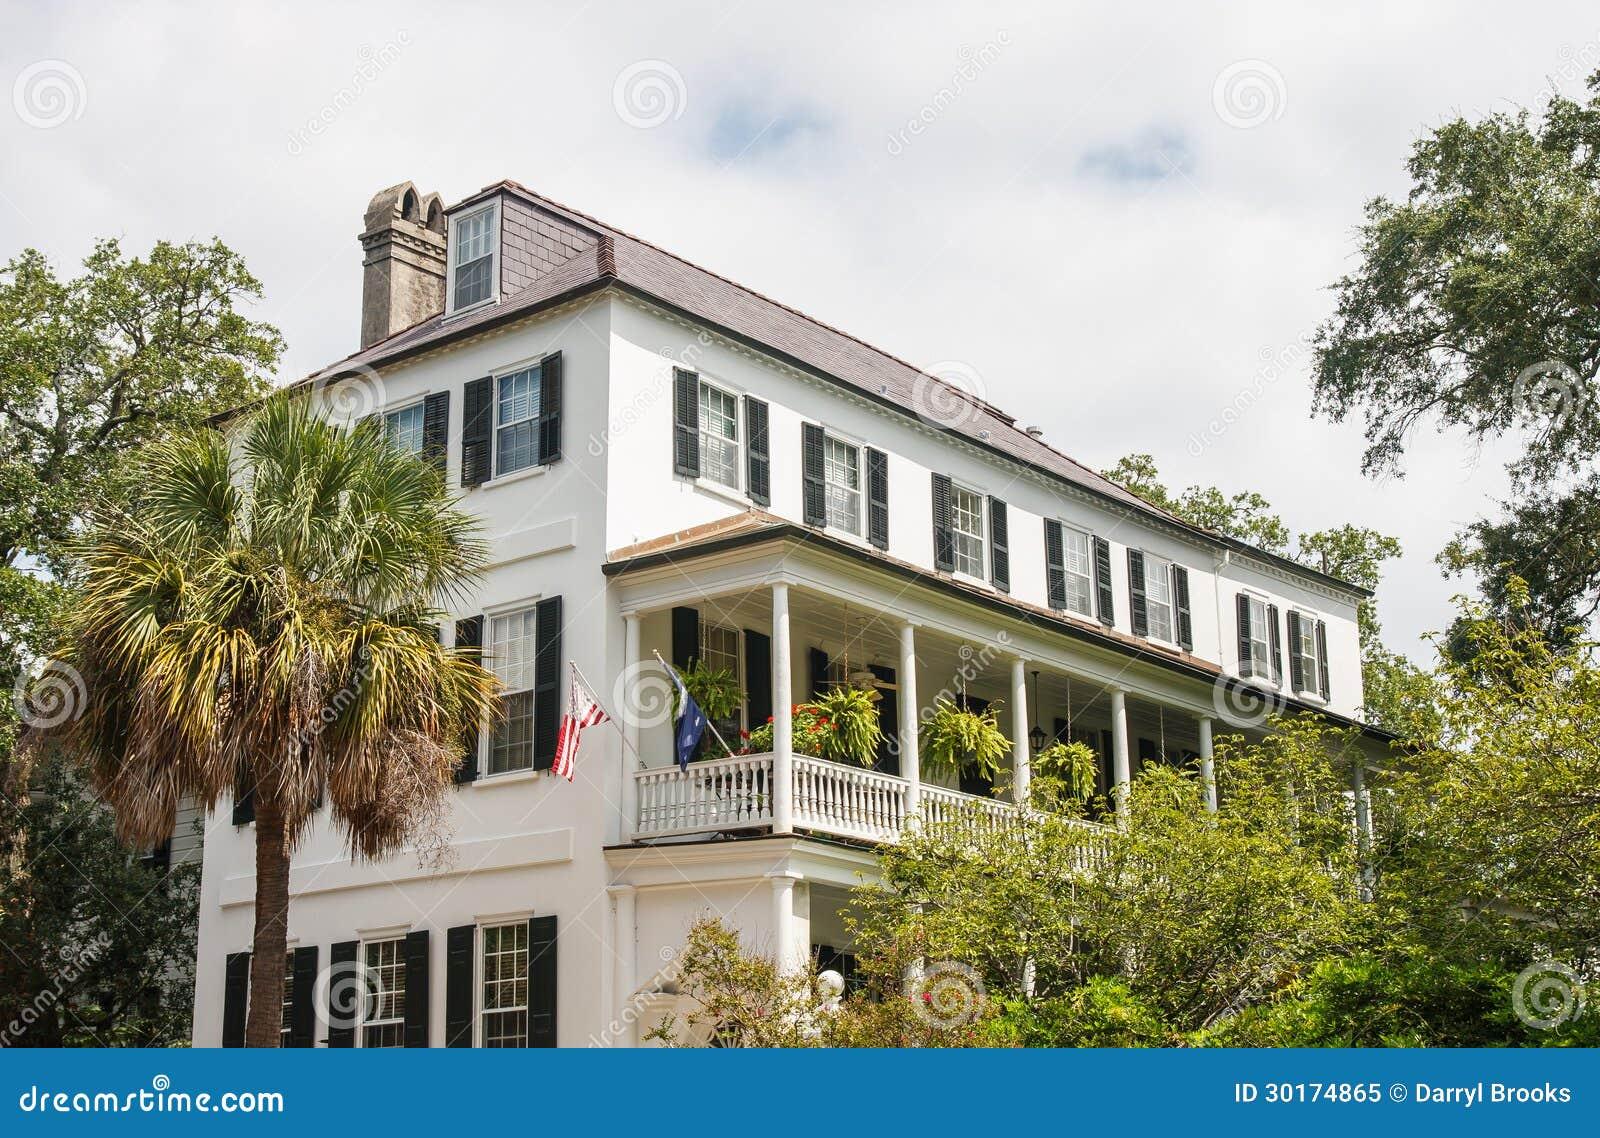 Faszinierend Haus Mit Veranda Referenz Von Pattern Das Weiße Im Zweiten Stock Stockbild